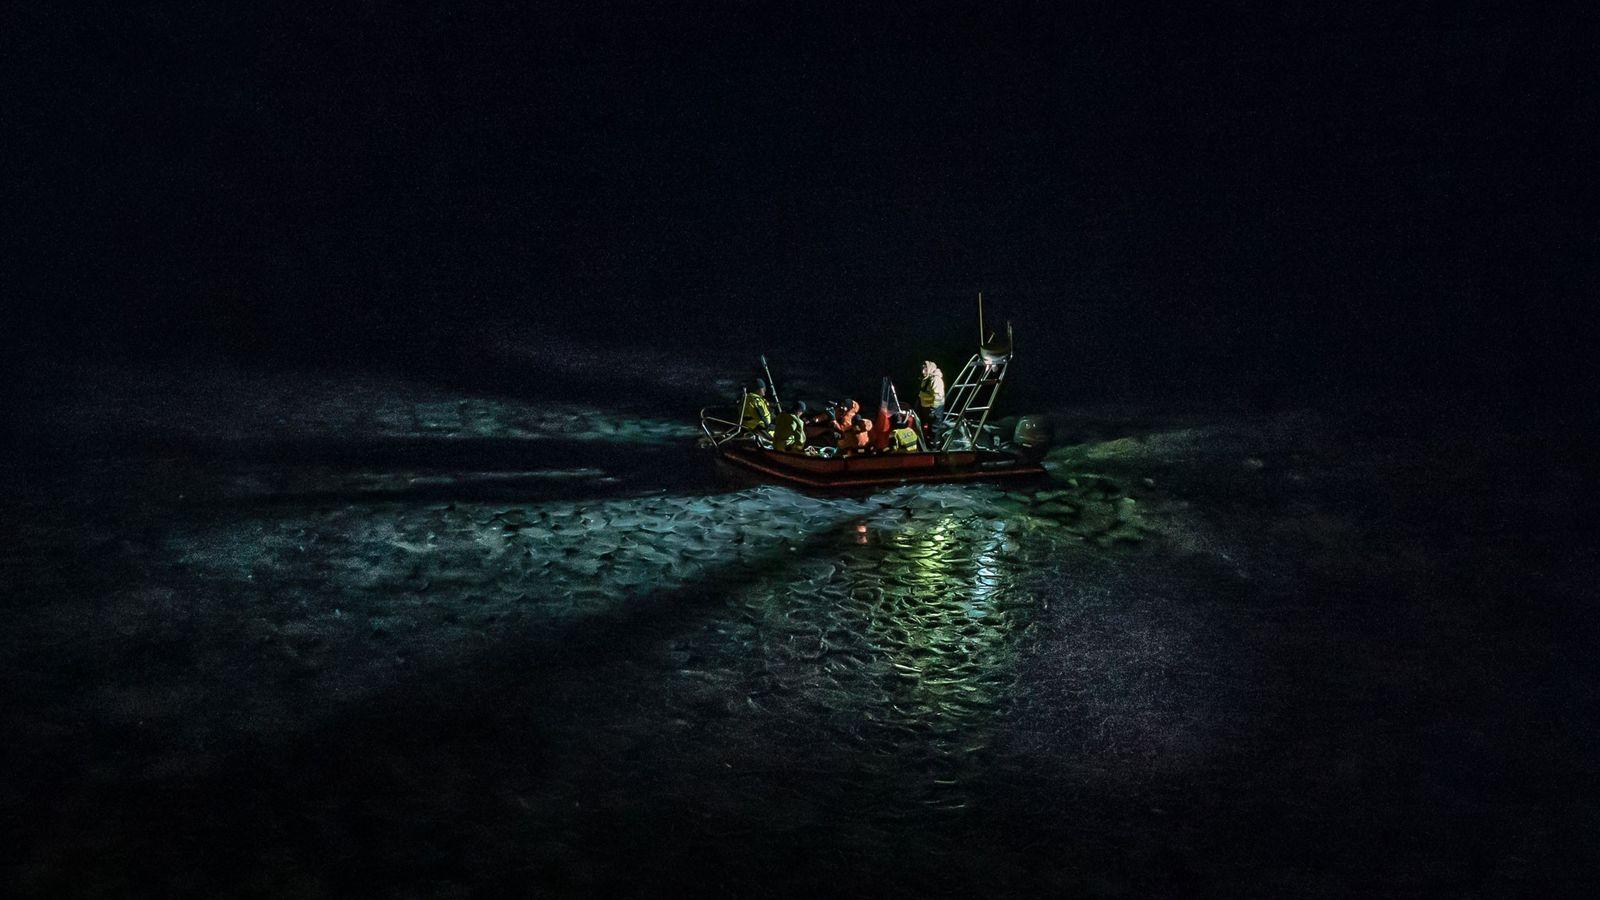 Un navire de recherche guide une équipe de scientifiques au nord de l'archipel norvégien du Svalbard ...